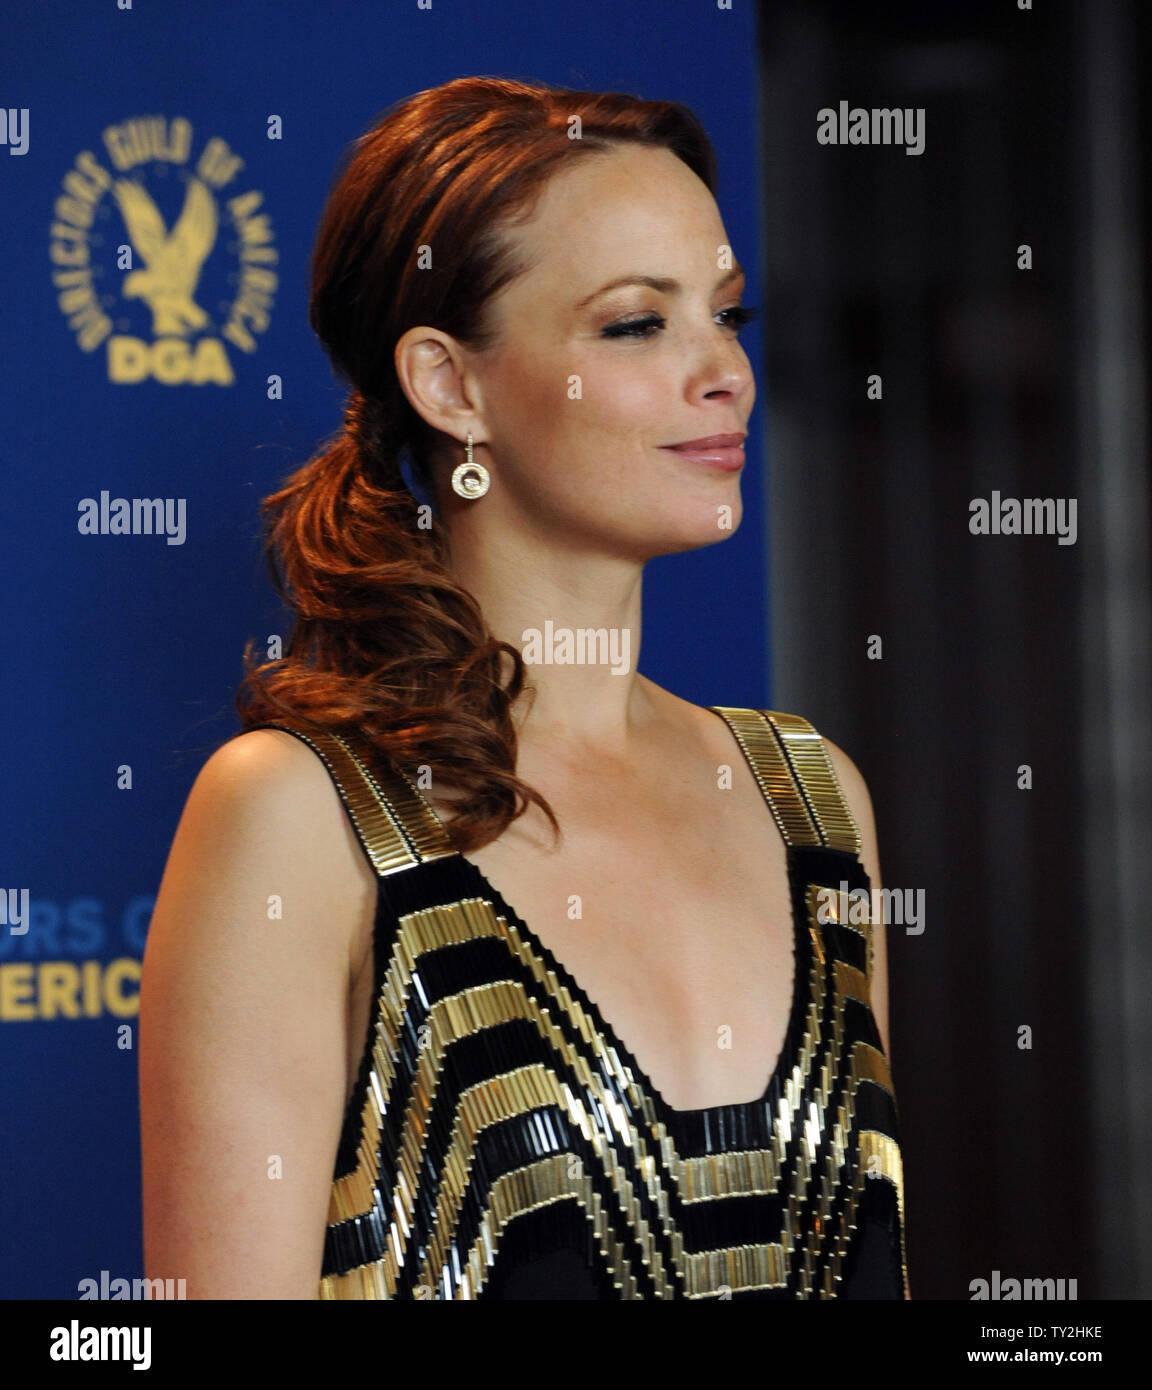 'El artista', miembro del reparto Berenice Bejo backstage aparece en la 64ª anual de Directors Guild of America Awards en Los Angeles el 28 de enero de 2012. UPI/Jim Ruymen Imagen De Stock